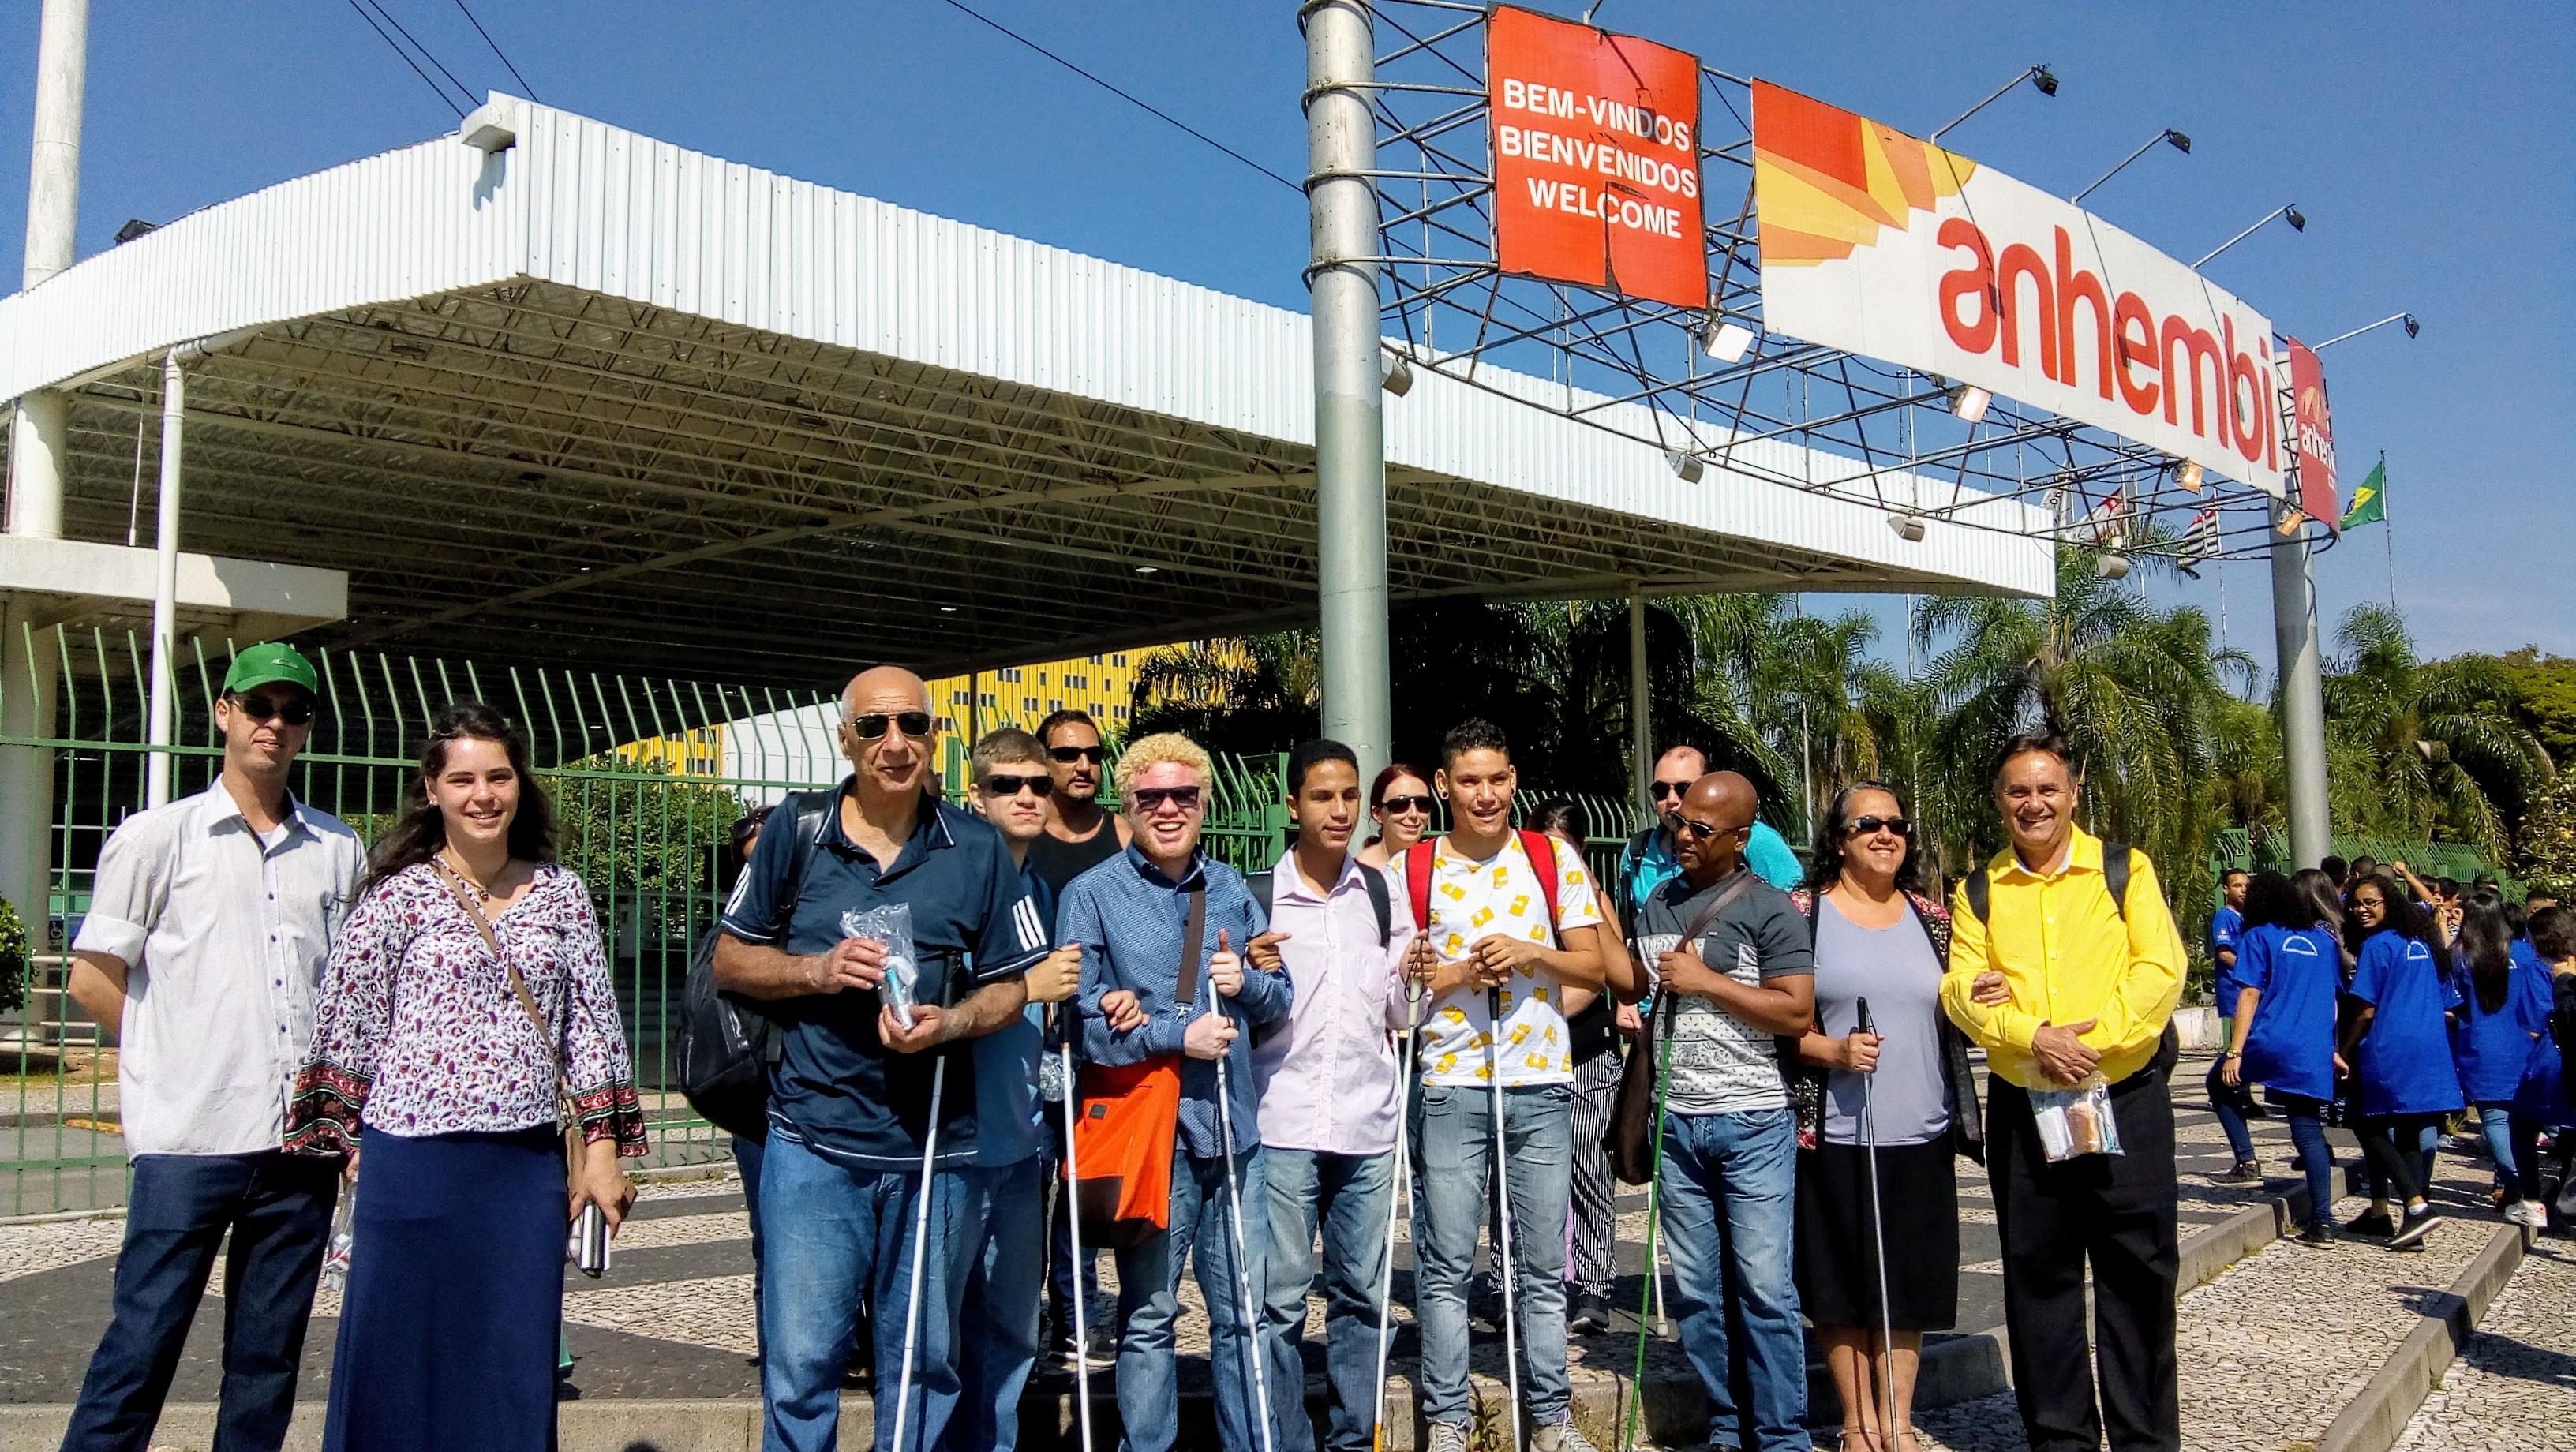 Foto de todos os alunos, ex-alunos e clientes em frente à entrada da Feira do Empreendedor. Eles olham pra frente e sorriem. Alguns seguram bengalas.